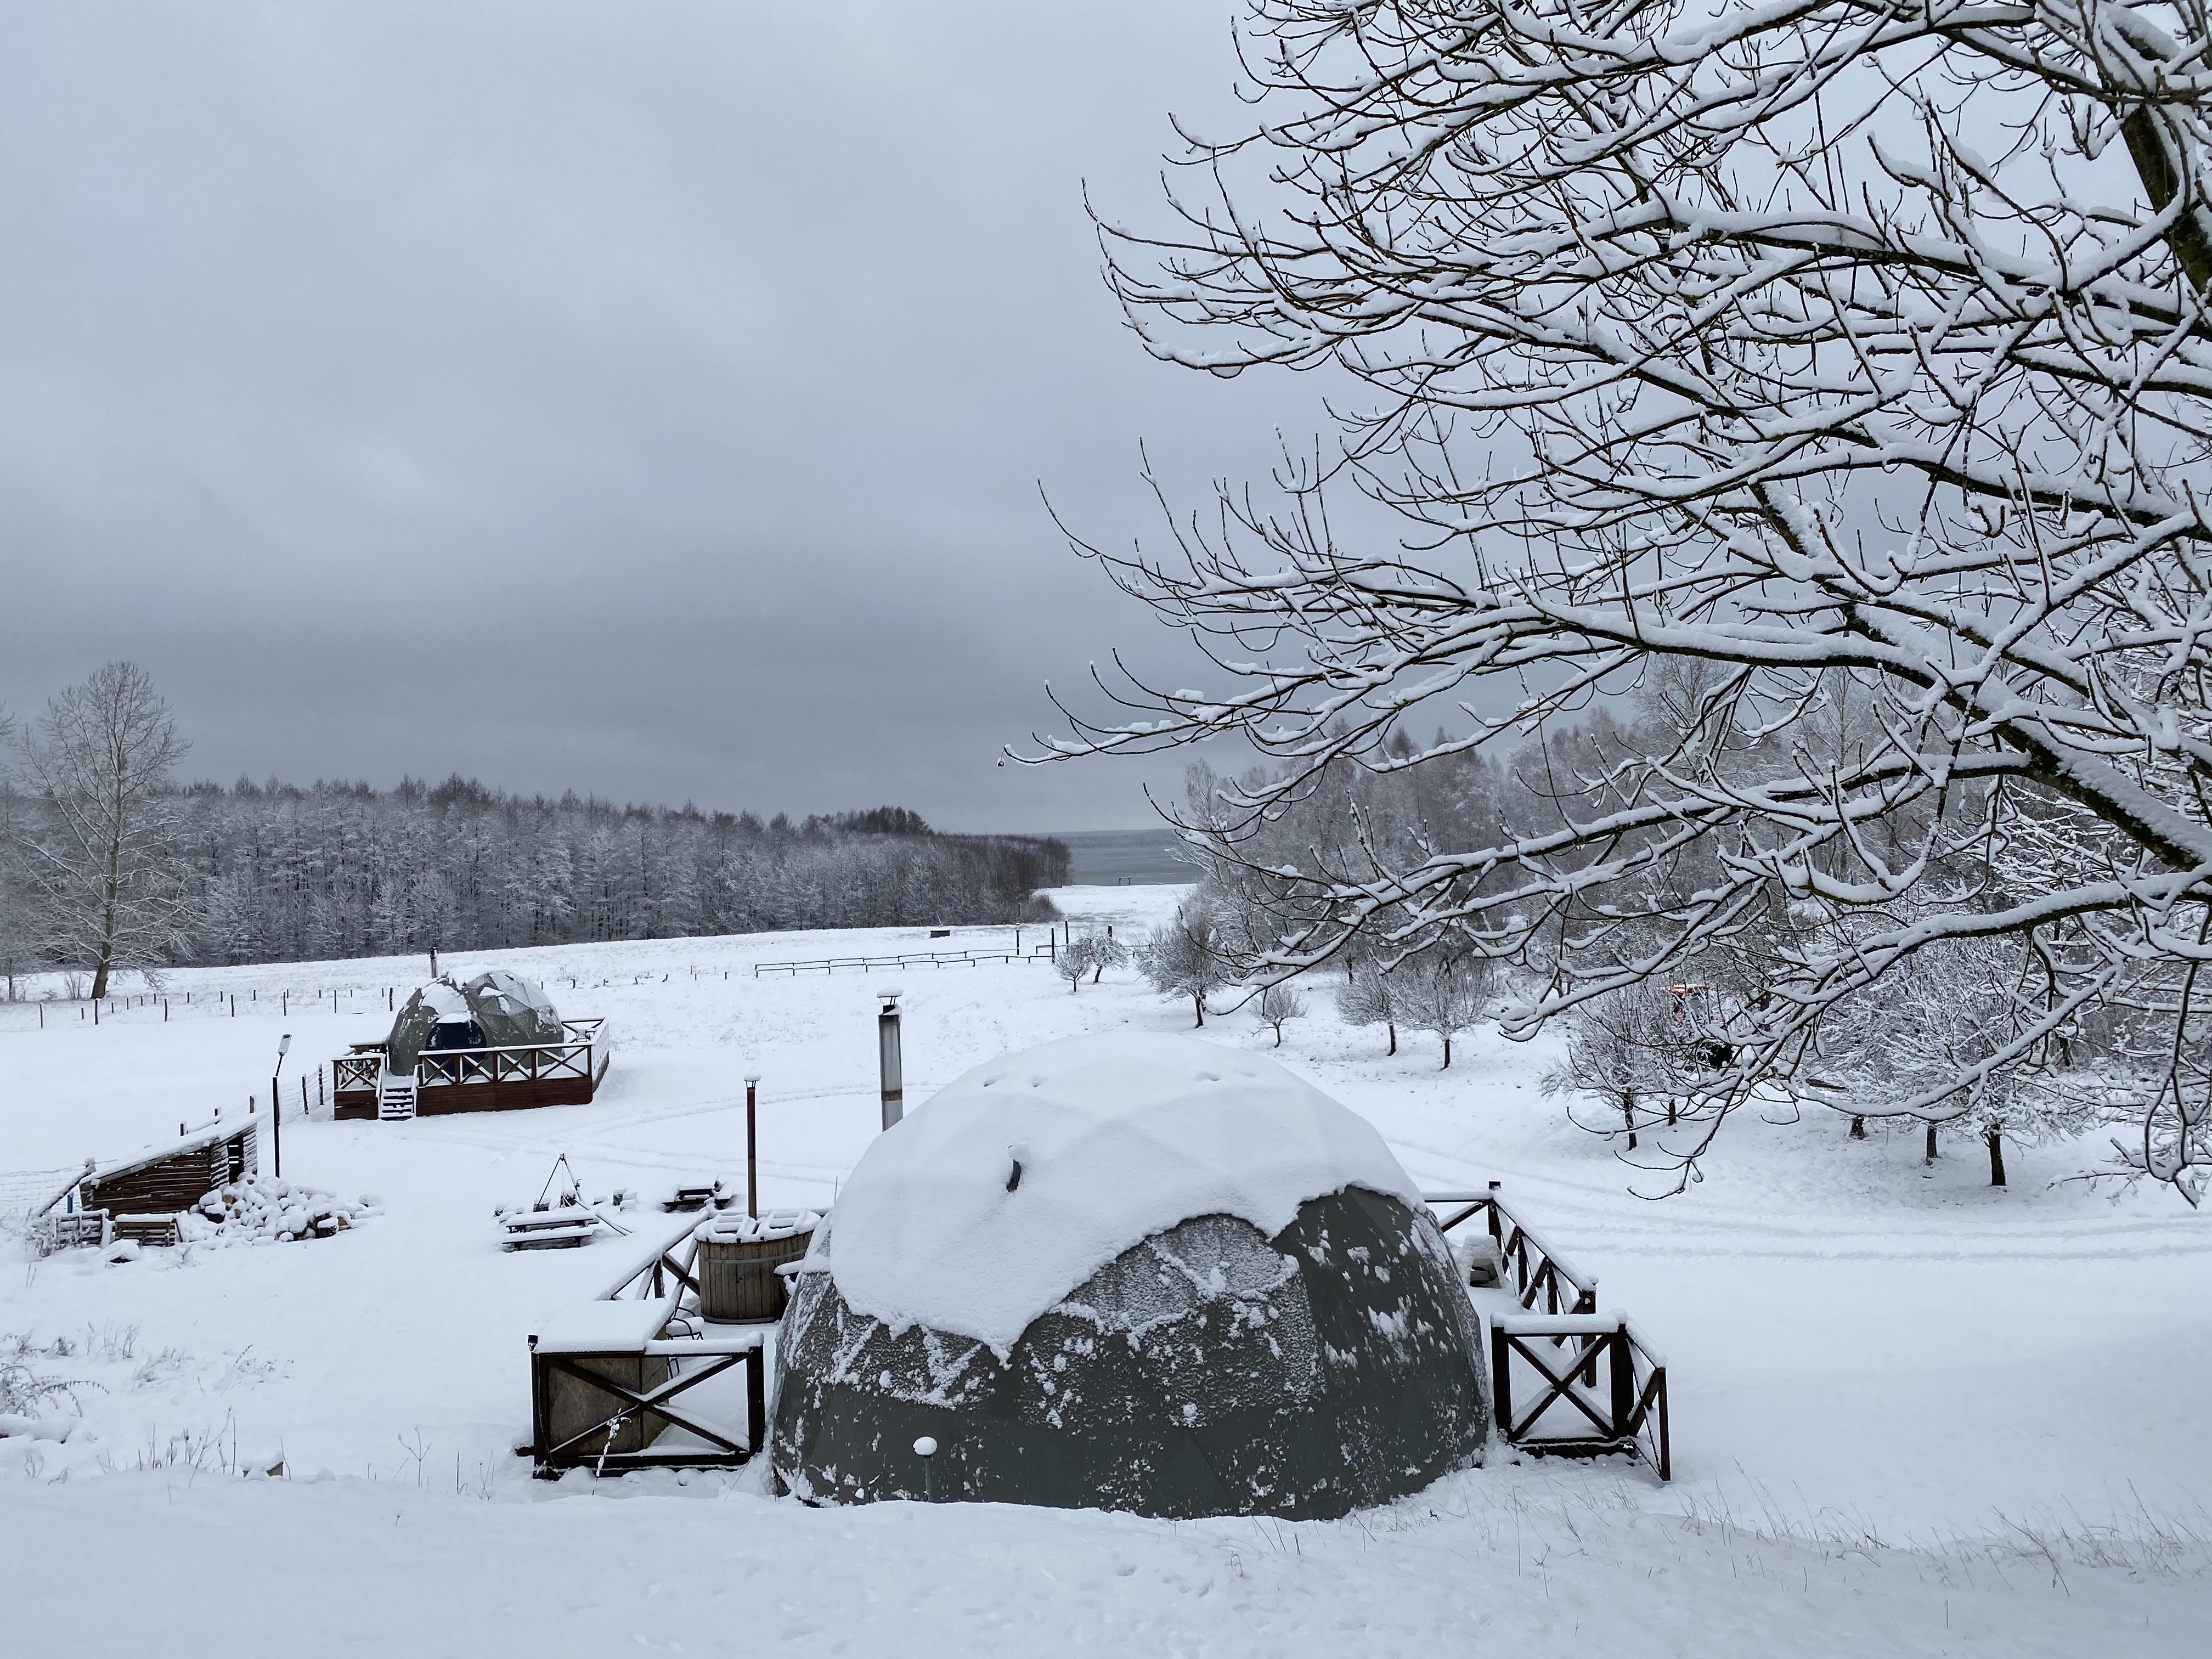 Zima zawitała do nas